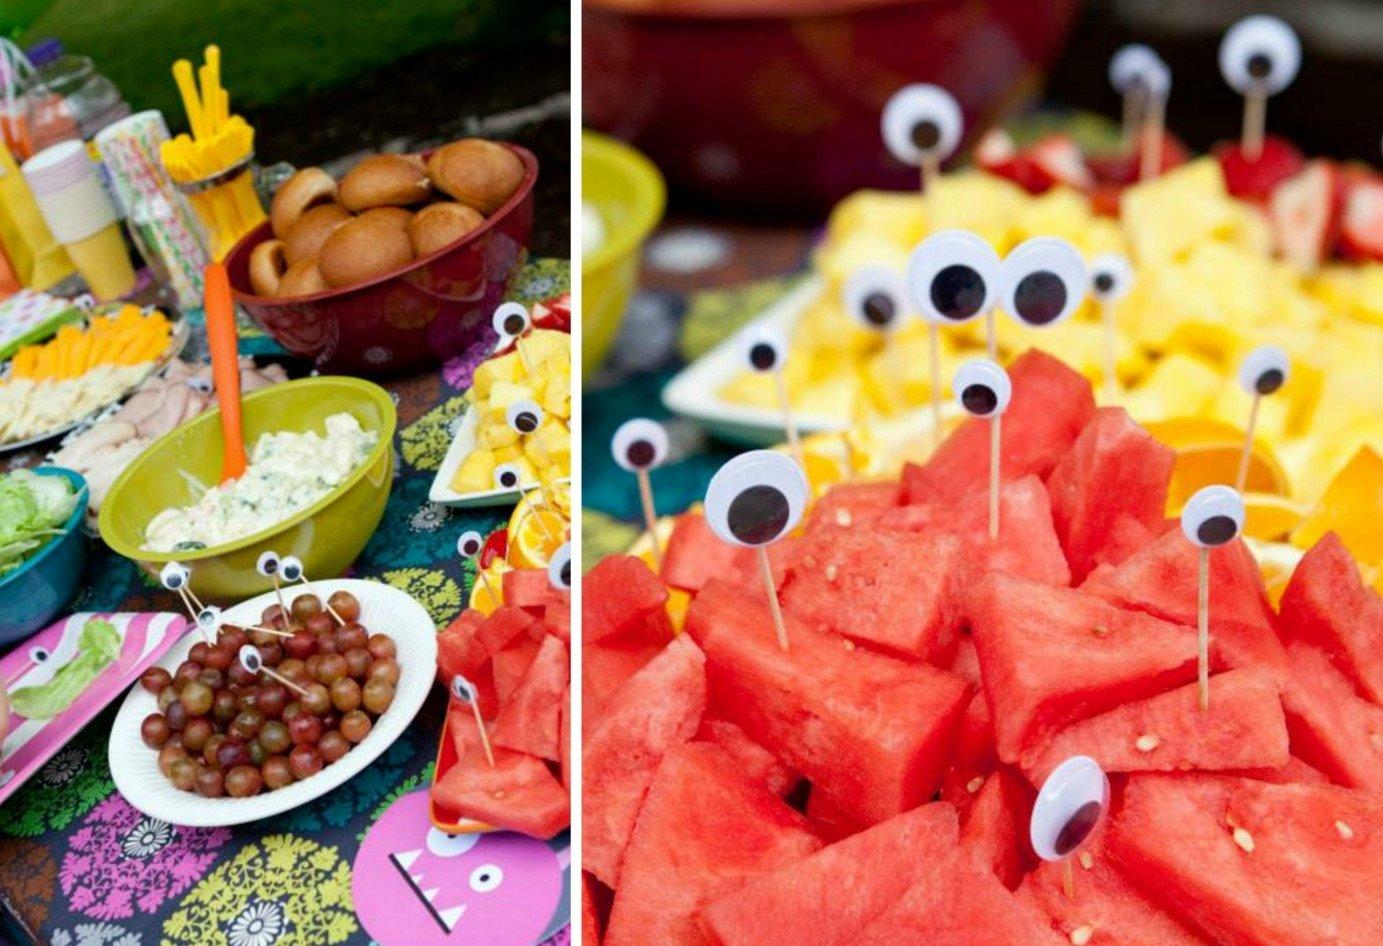 10 Wonderful First Birthday Party Food Ideas first birthday party food ideas adults home party theme ideas 1 2020